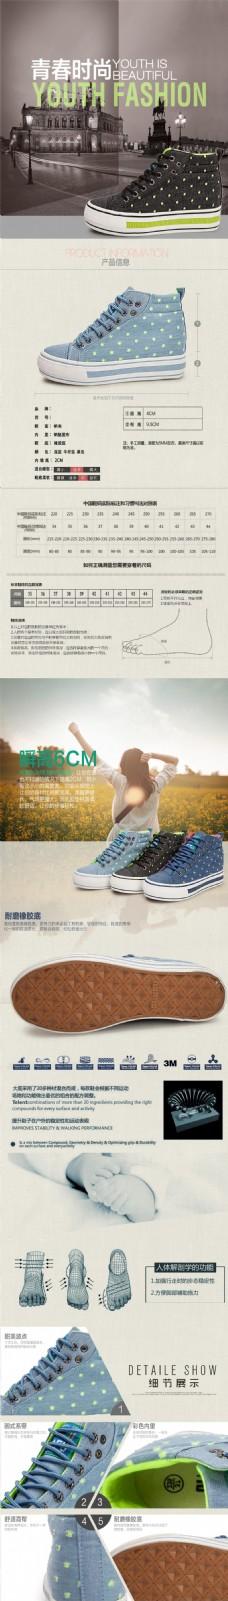 淘宝电商时尚女鞋帆布鞋正高些详情页psd模板